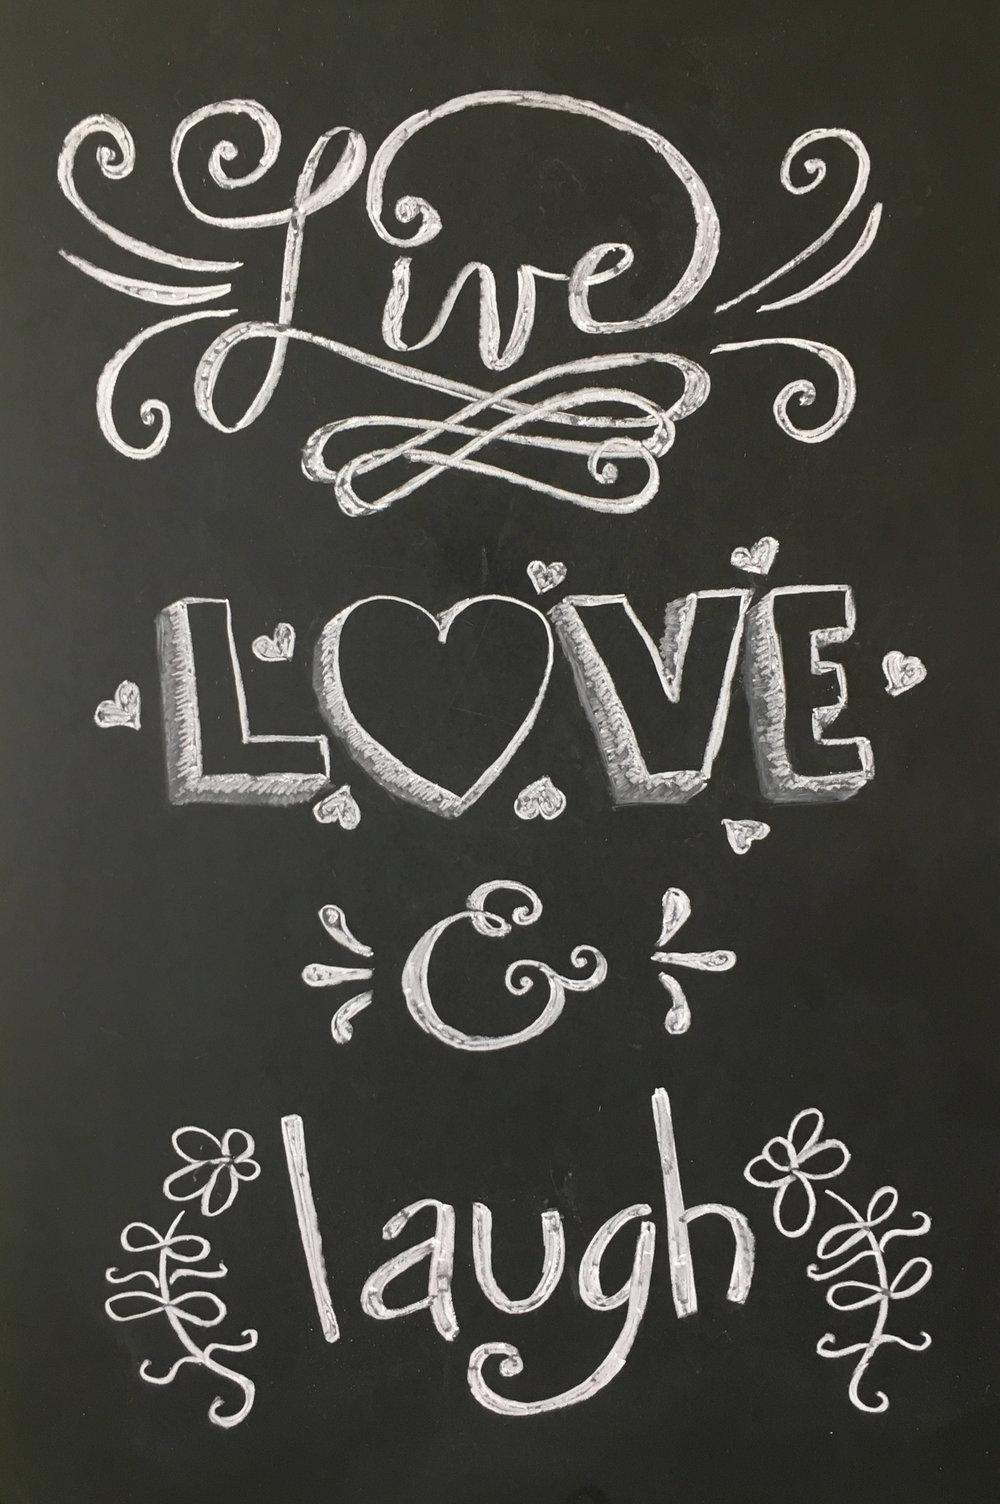 Chalkboard Art, Hand Lettering & Signage -